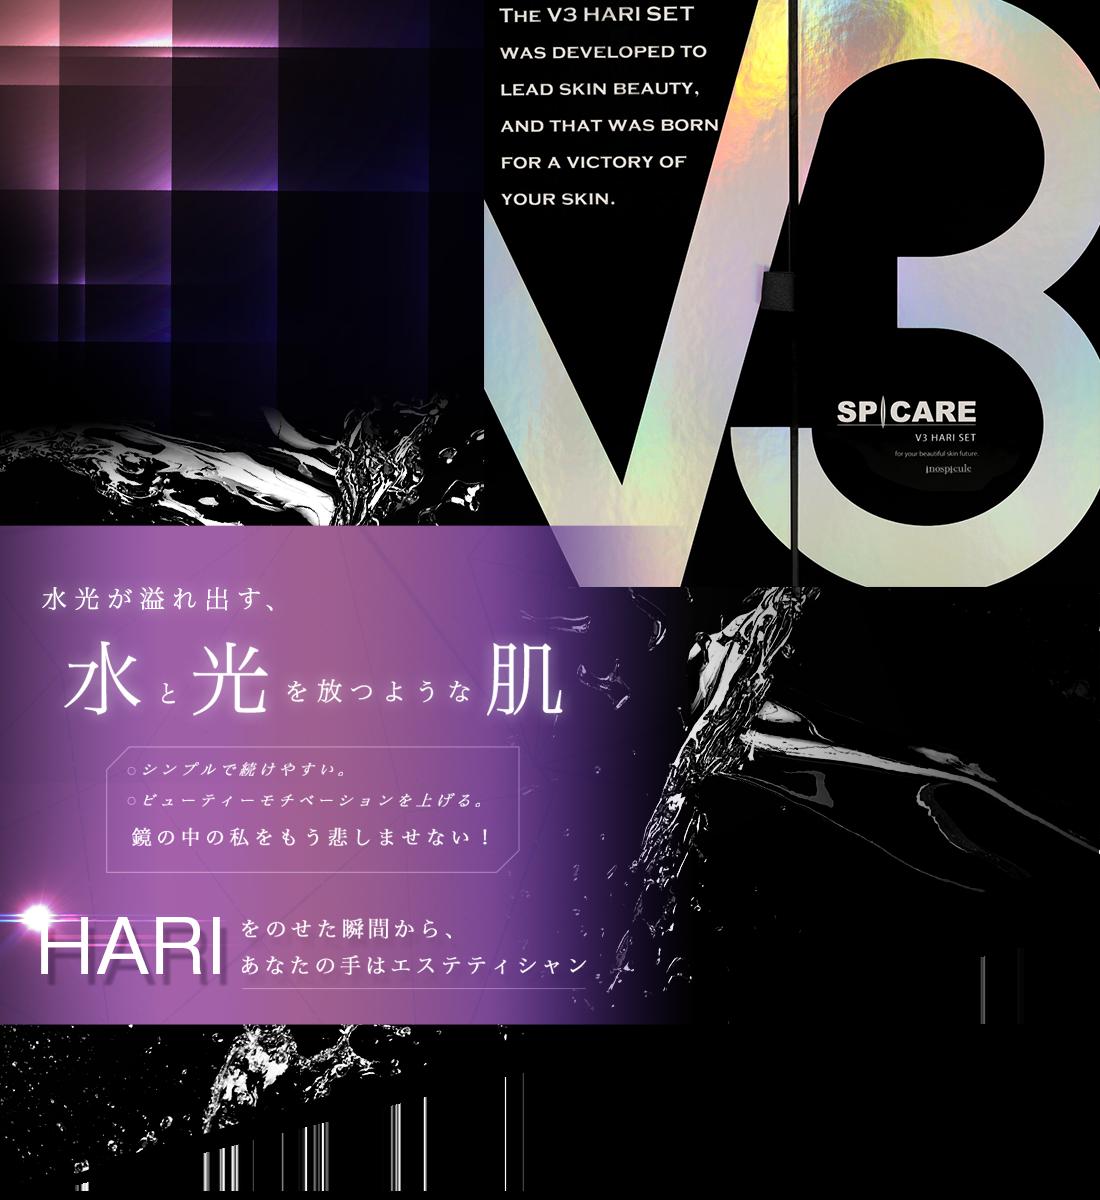 V3 HARI SET ハリセット SPICARE スピケア